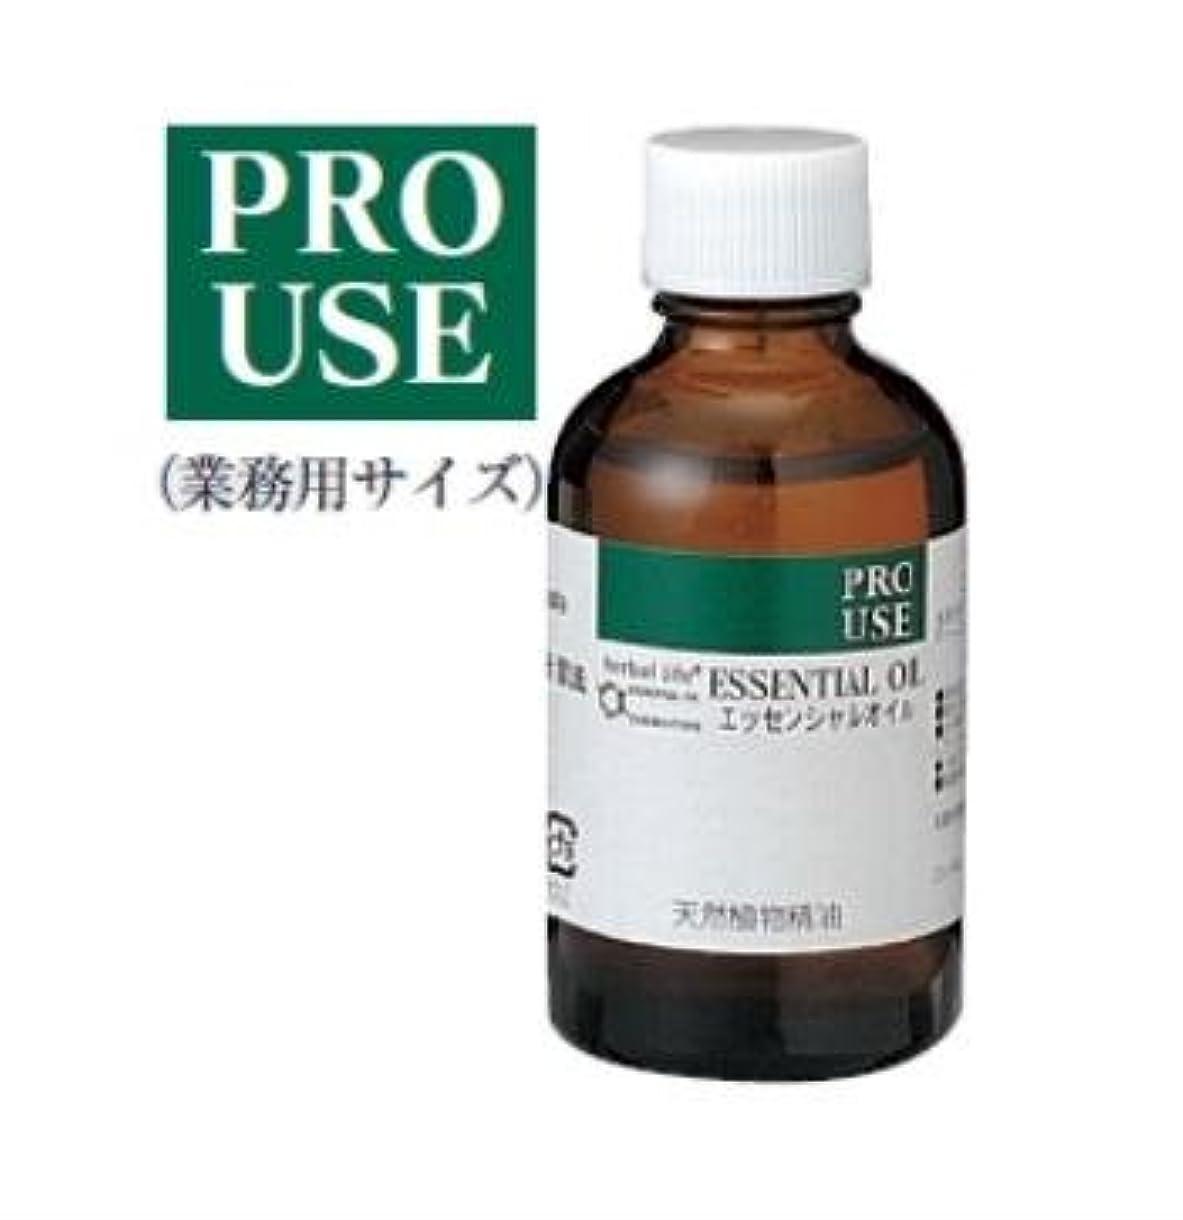 モニター寛大さホールドオール生活の木 エッセンシャルオイル ゼラニウム 精油 50ml アロマオイル アロマ